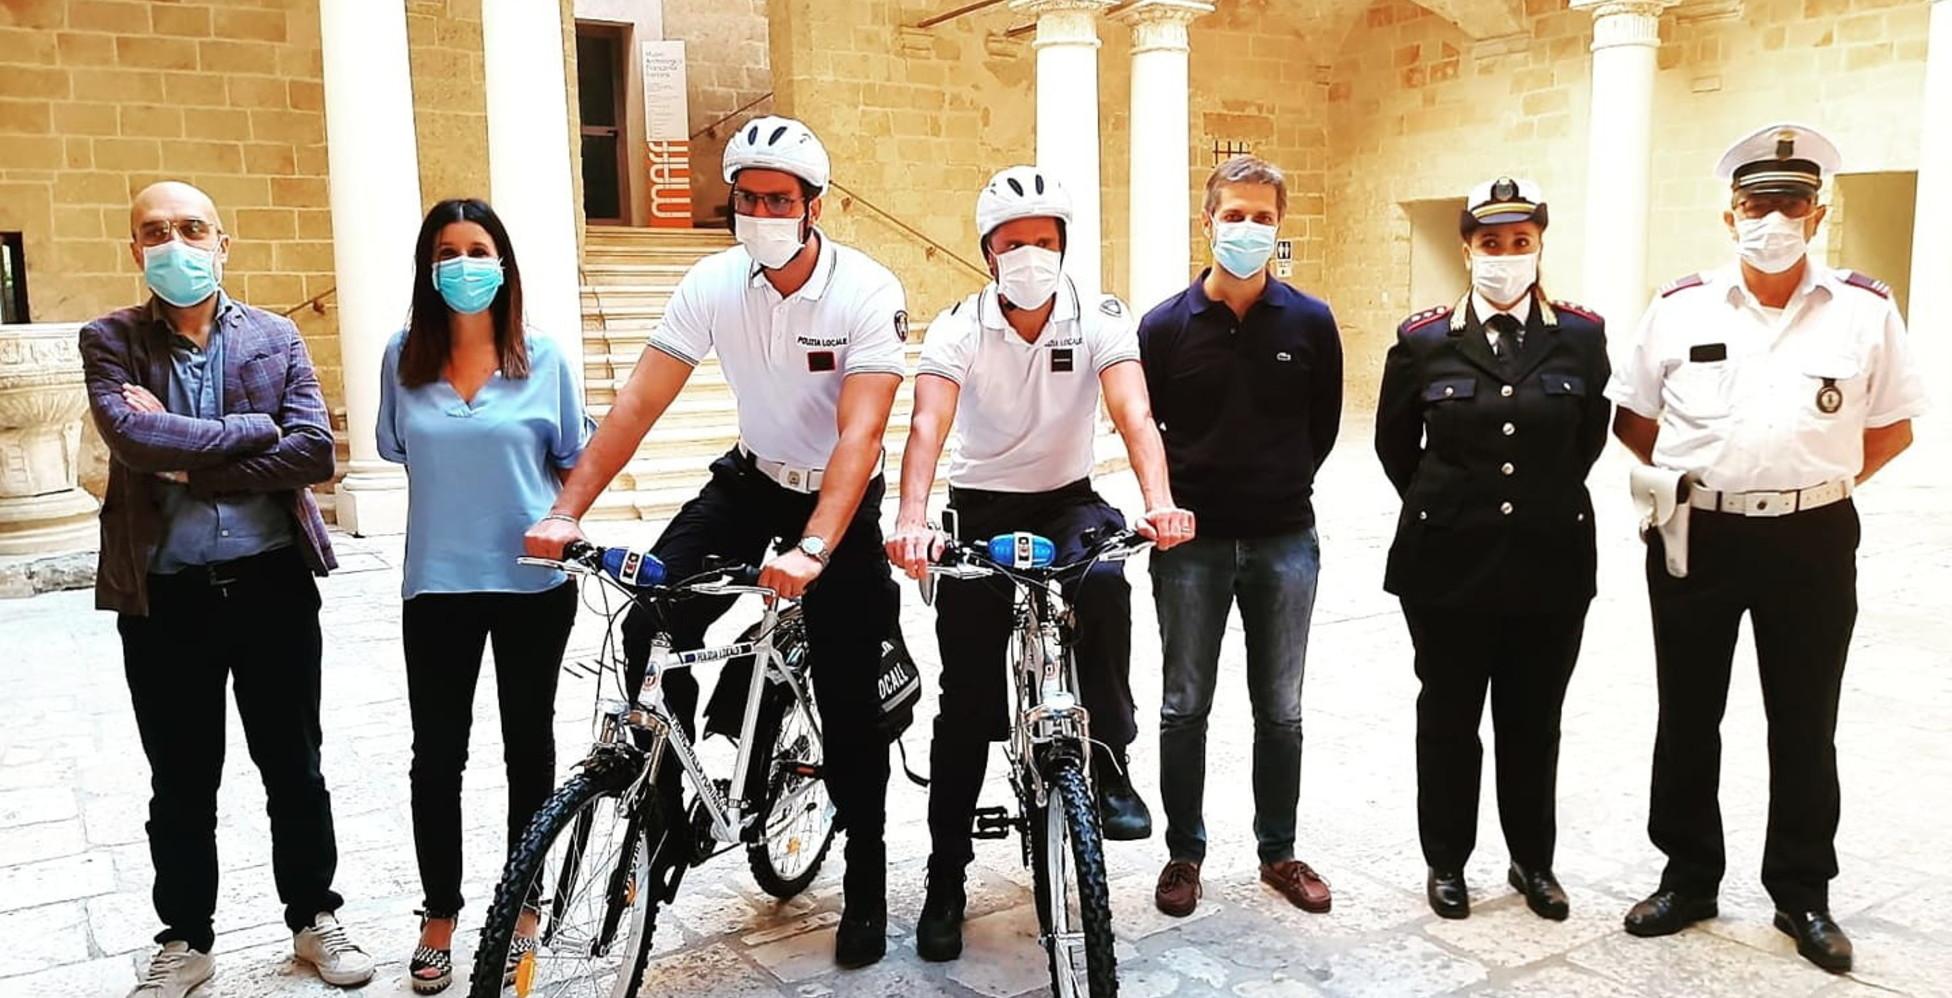 Parma vince l'edizione 2020 di Urban Award: l'uso della bicicletta è diventato un'abitudine